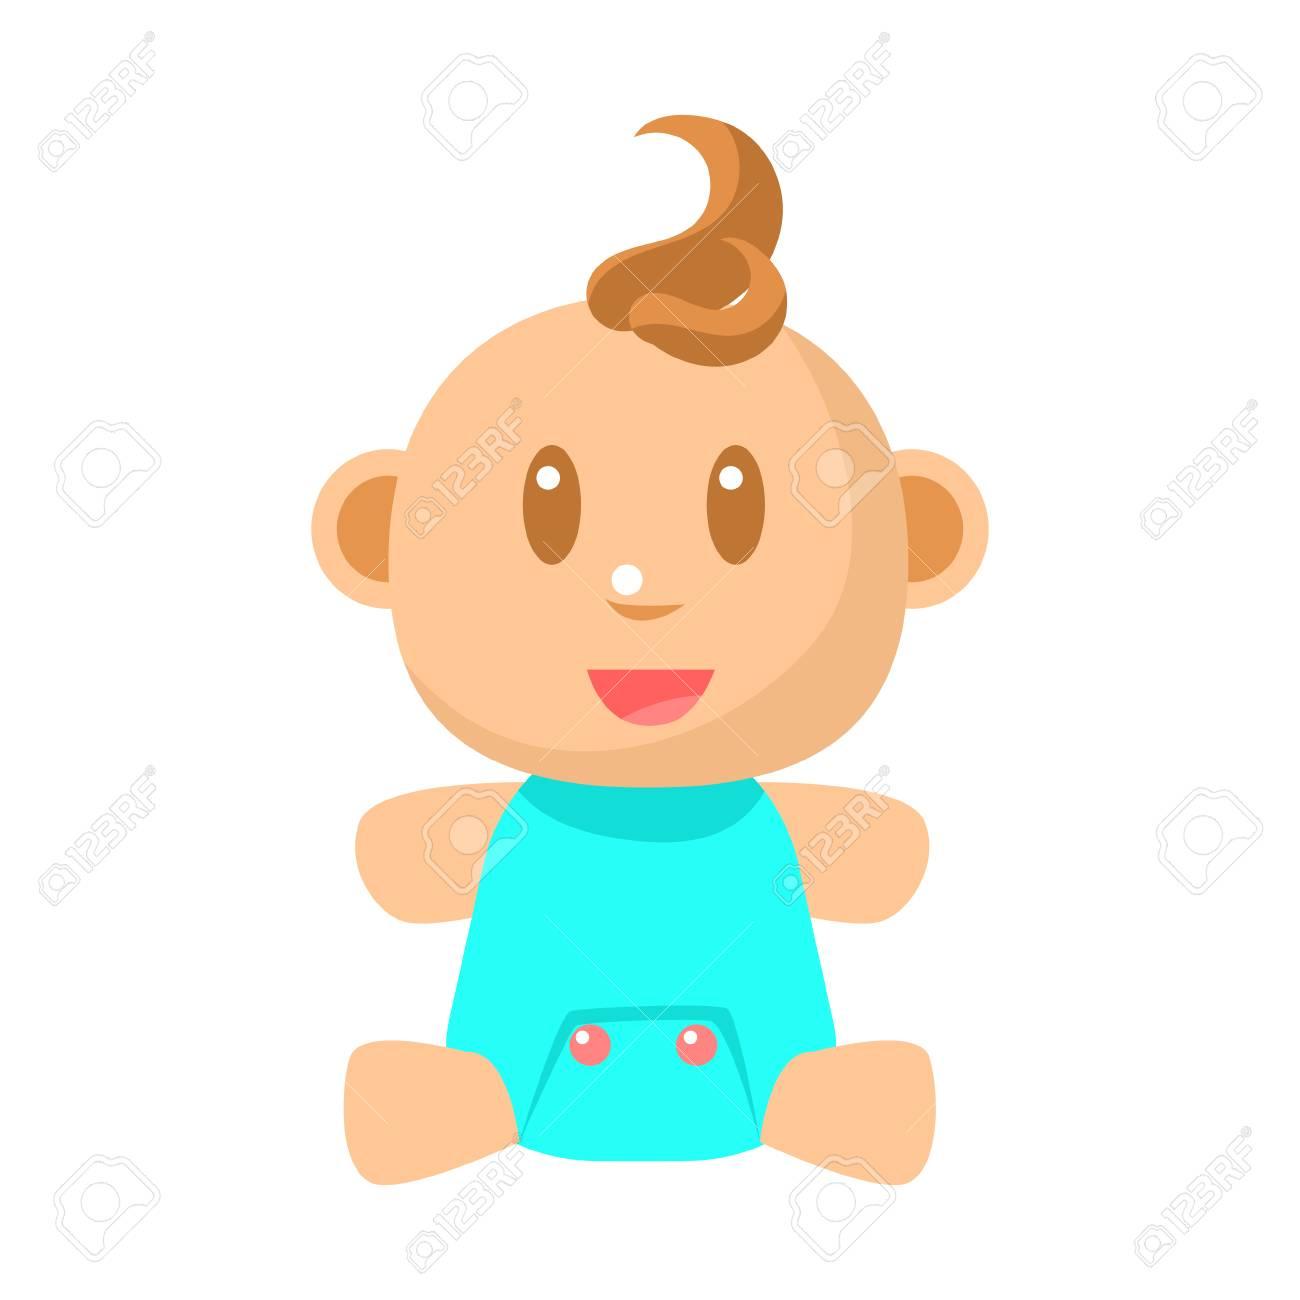 小さな幸せな赤ちゃん男の子座ってブルー布ベクトルかわいい幼児の簡単な